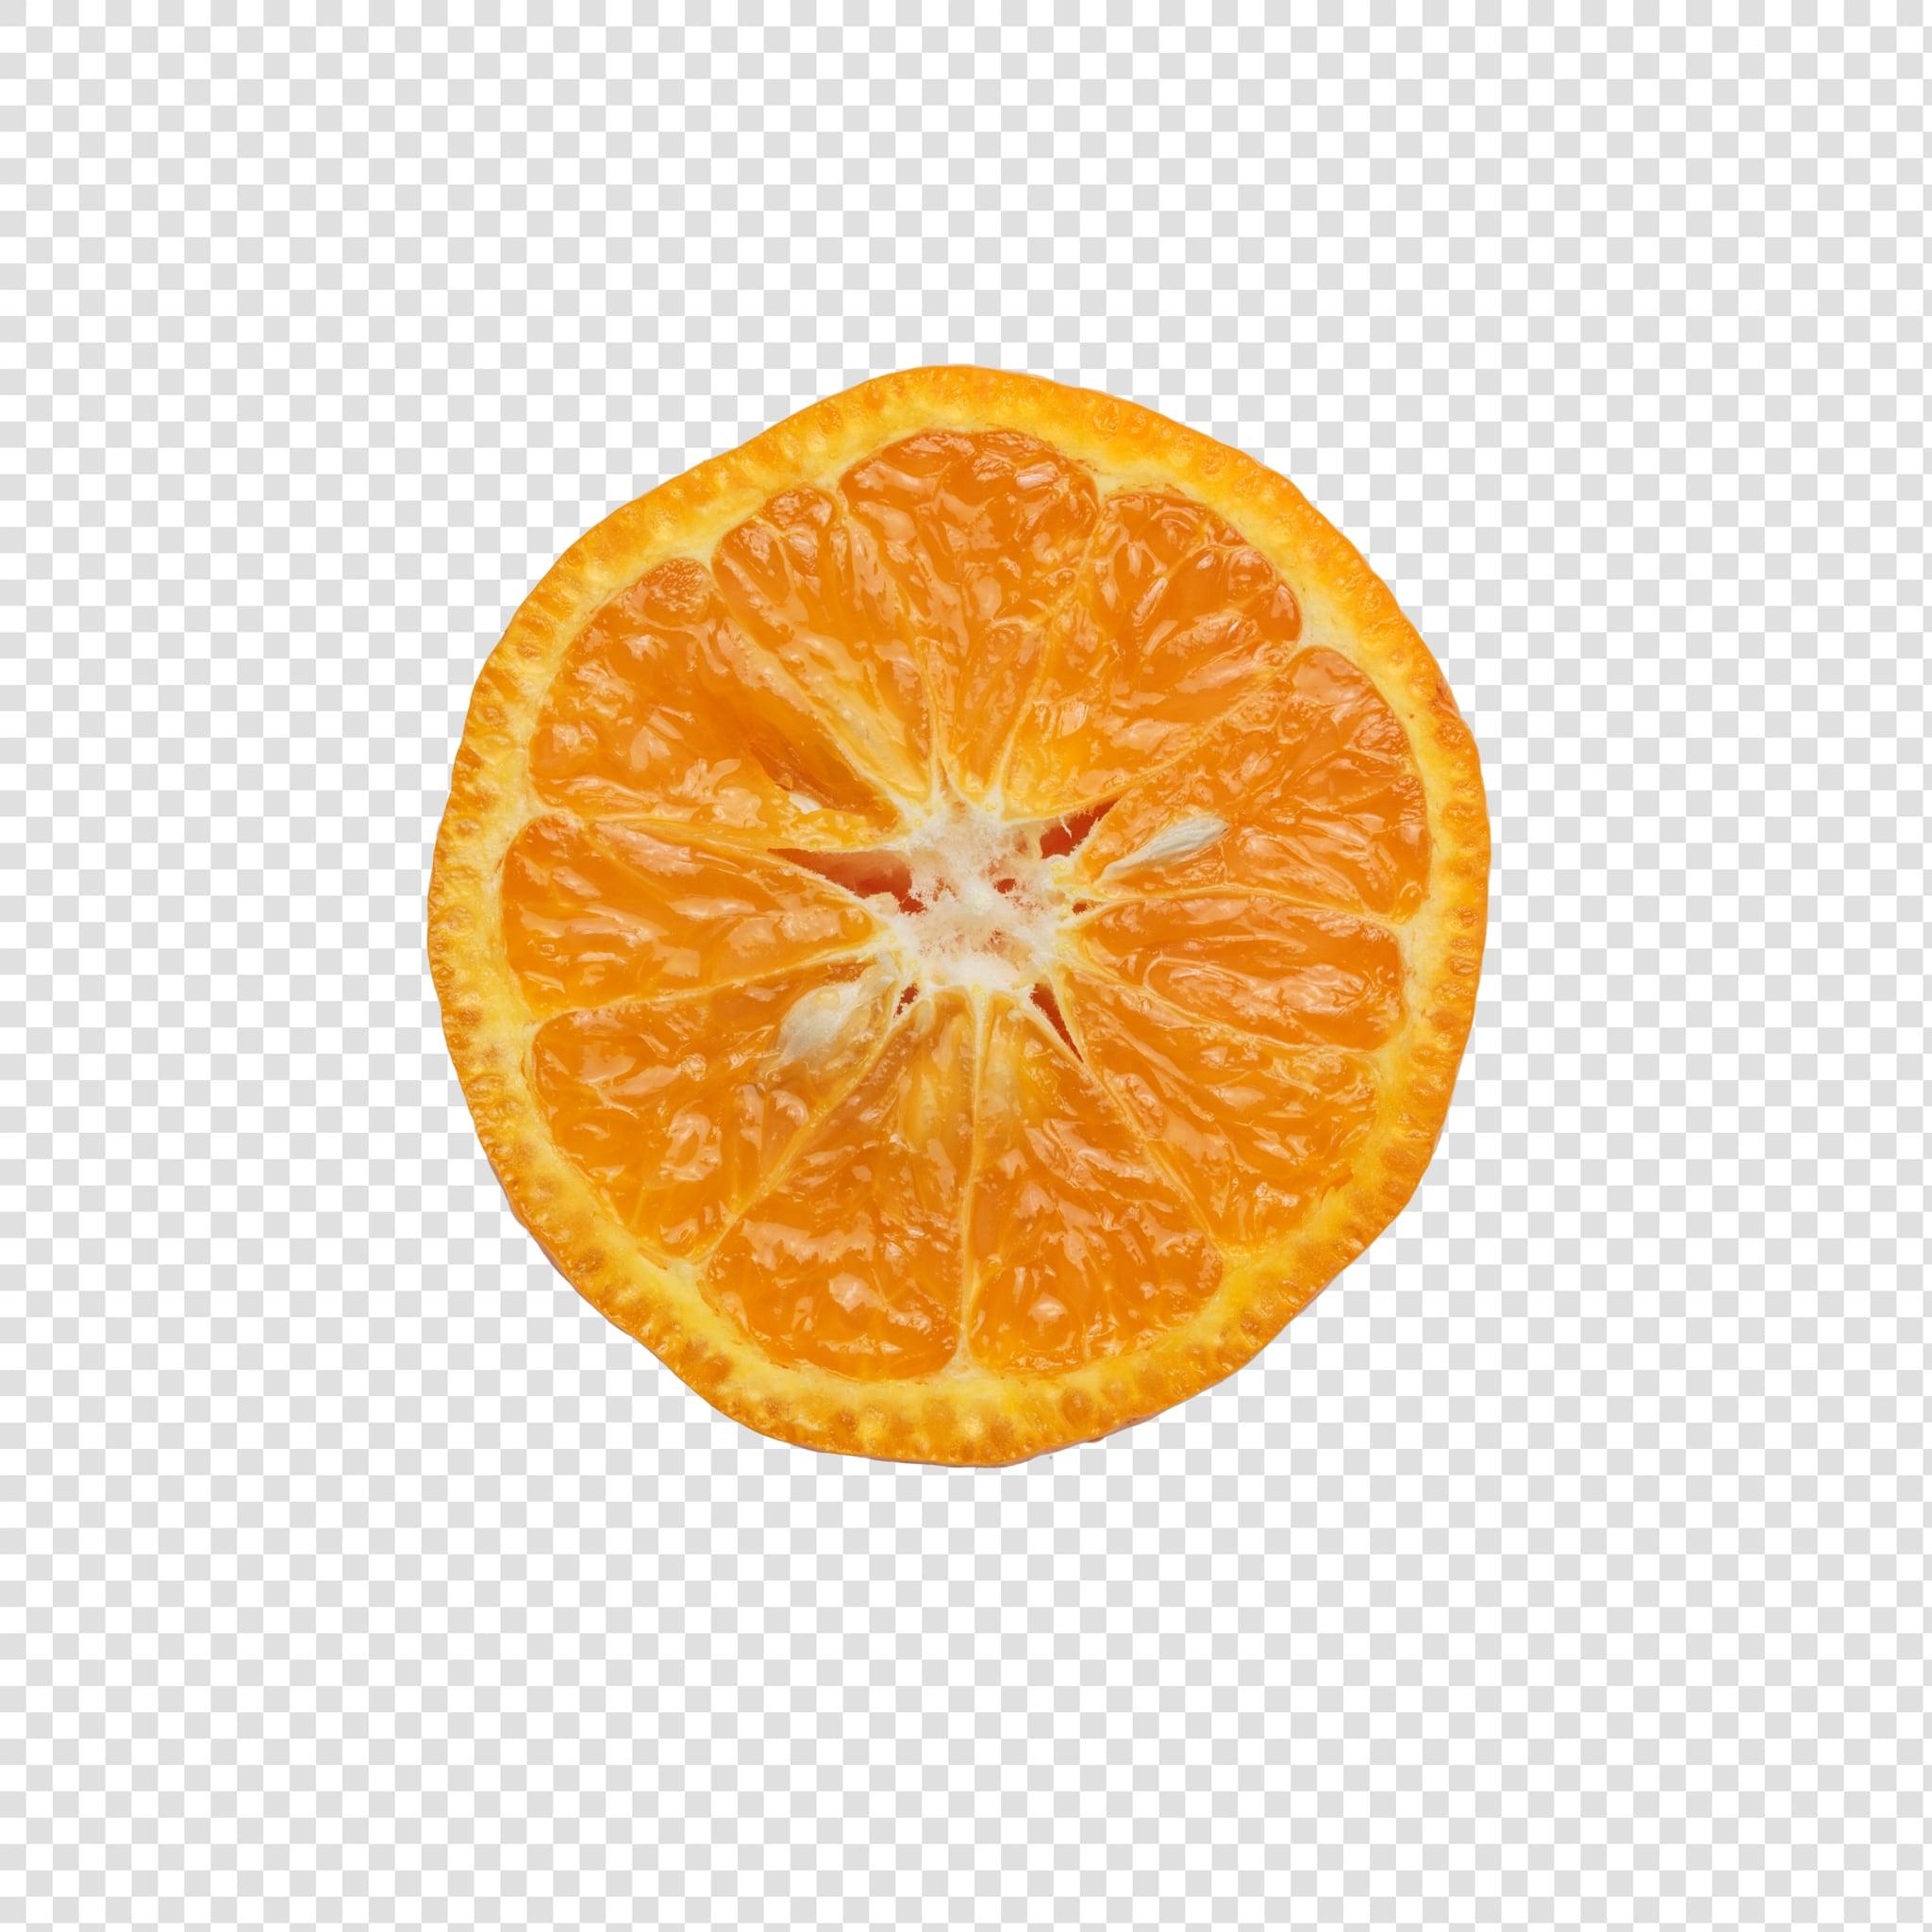 Orange PSD isolated image